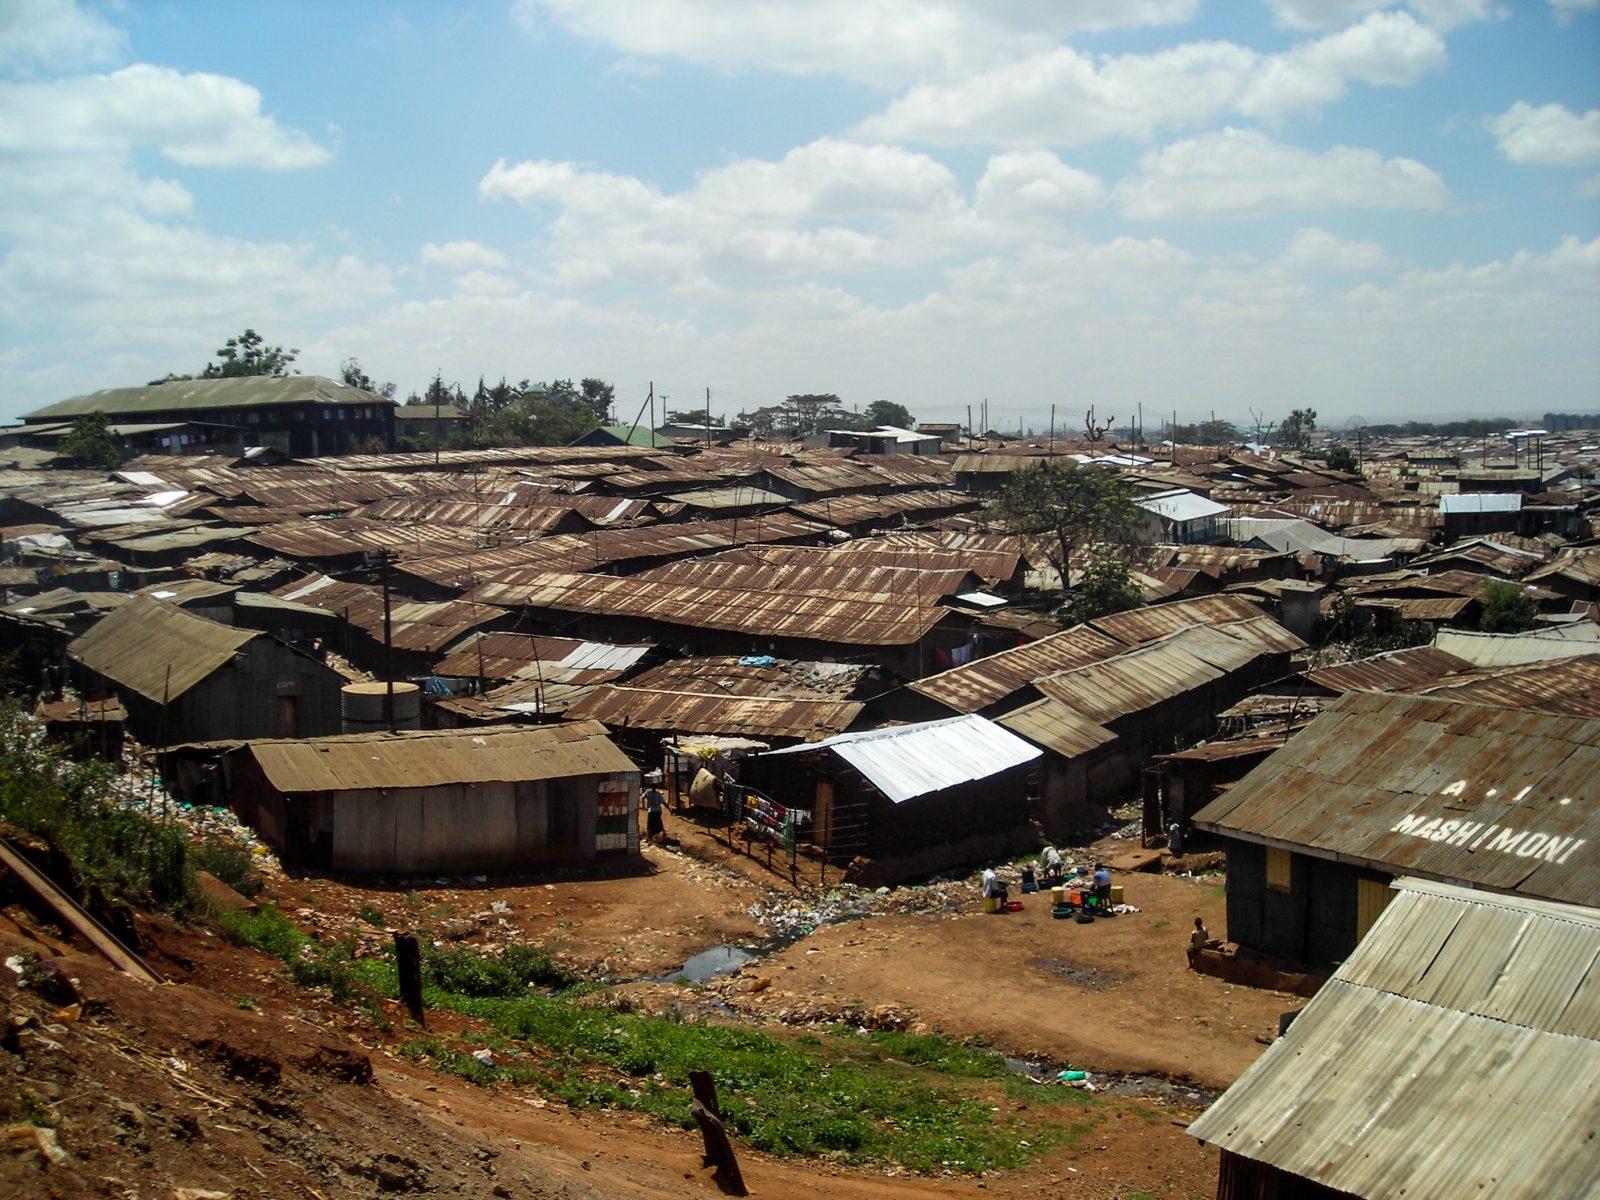 Willems_2007_Kibera2